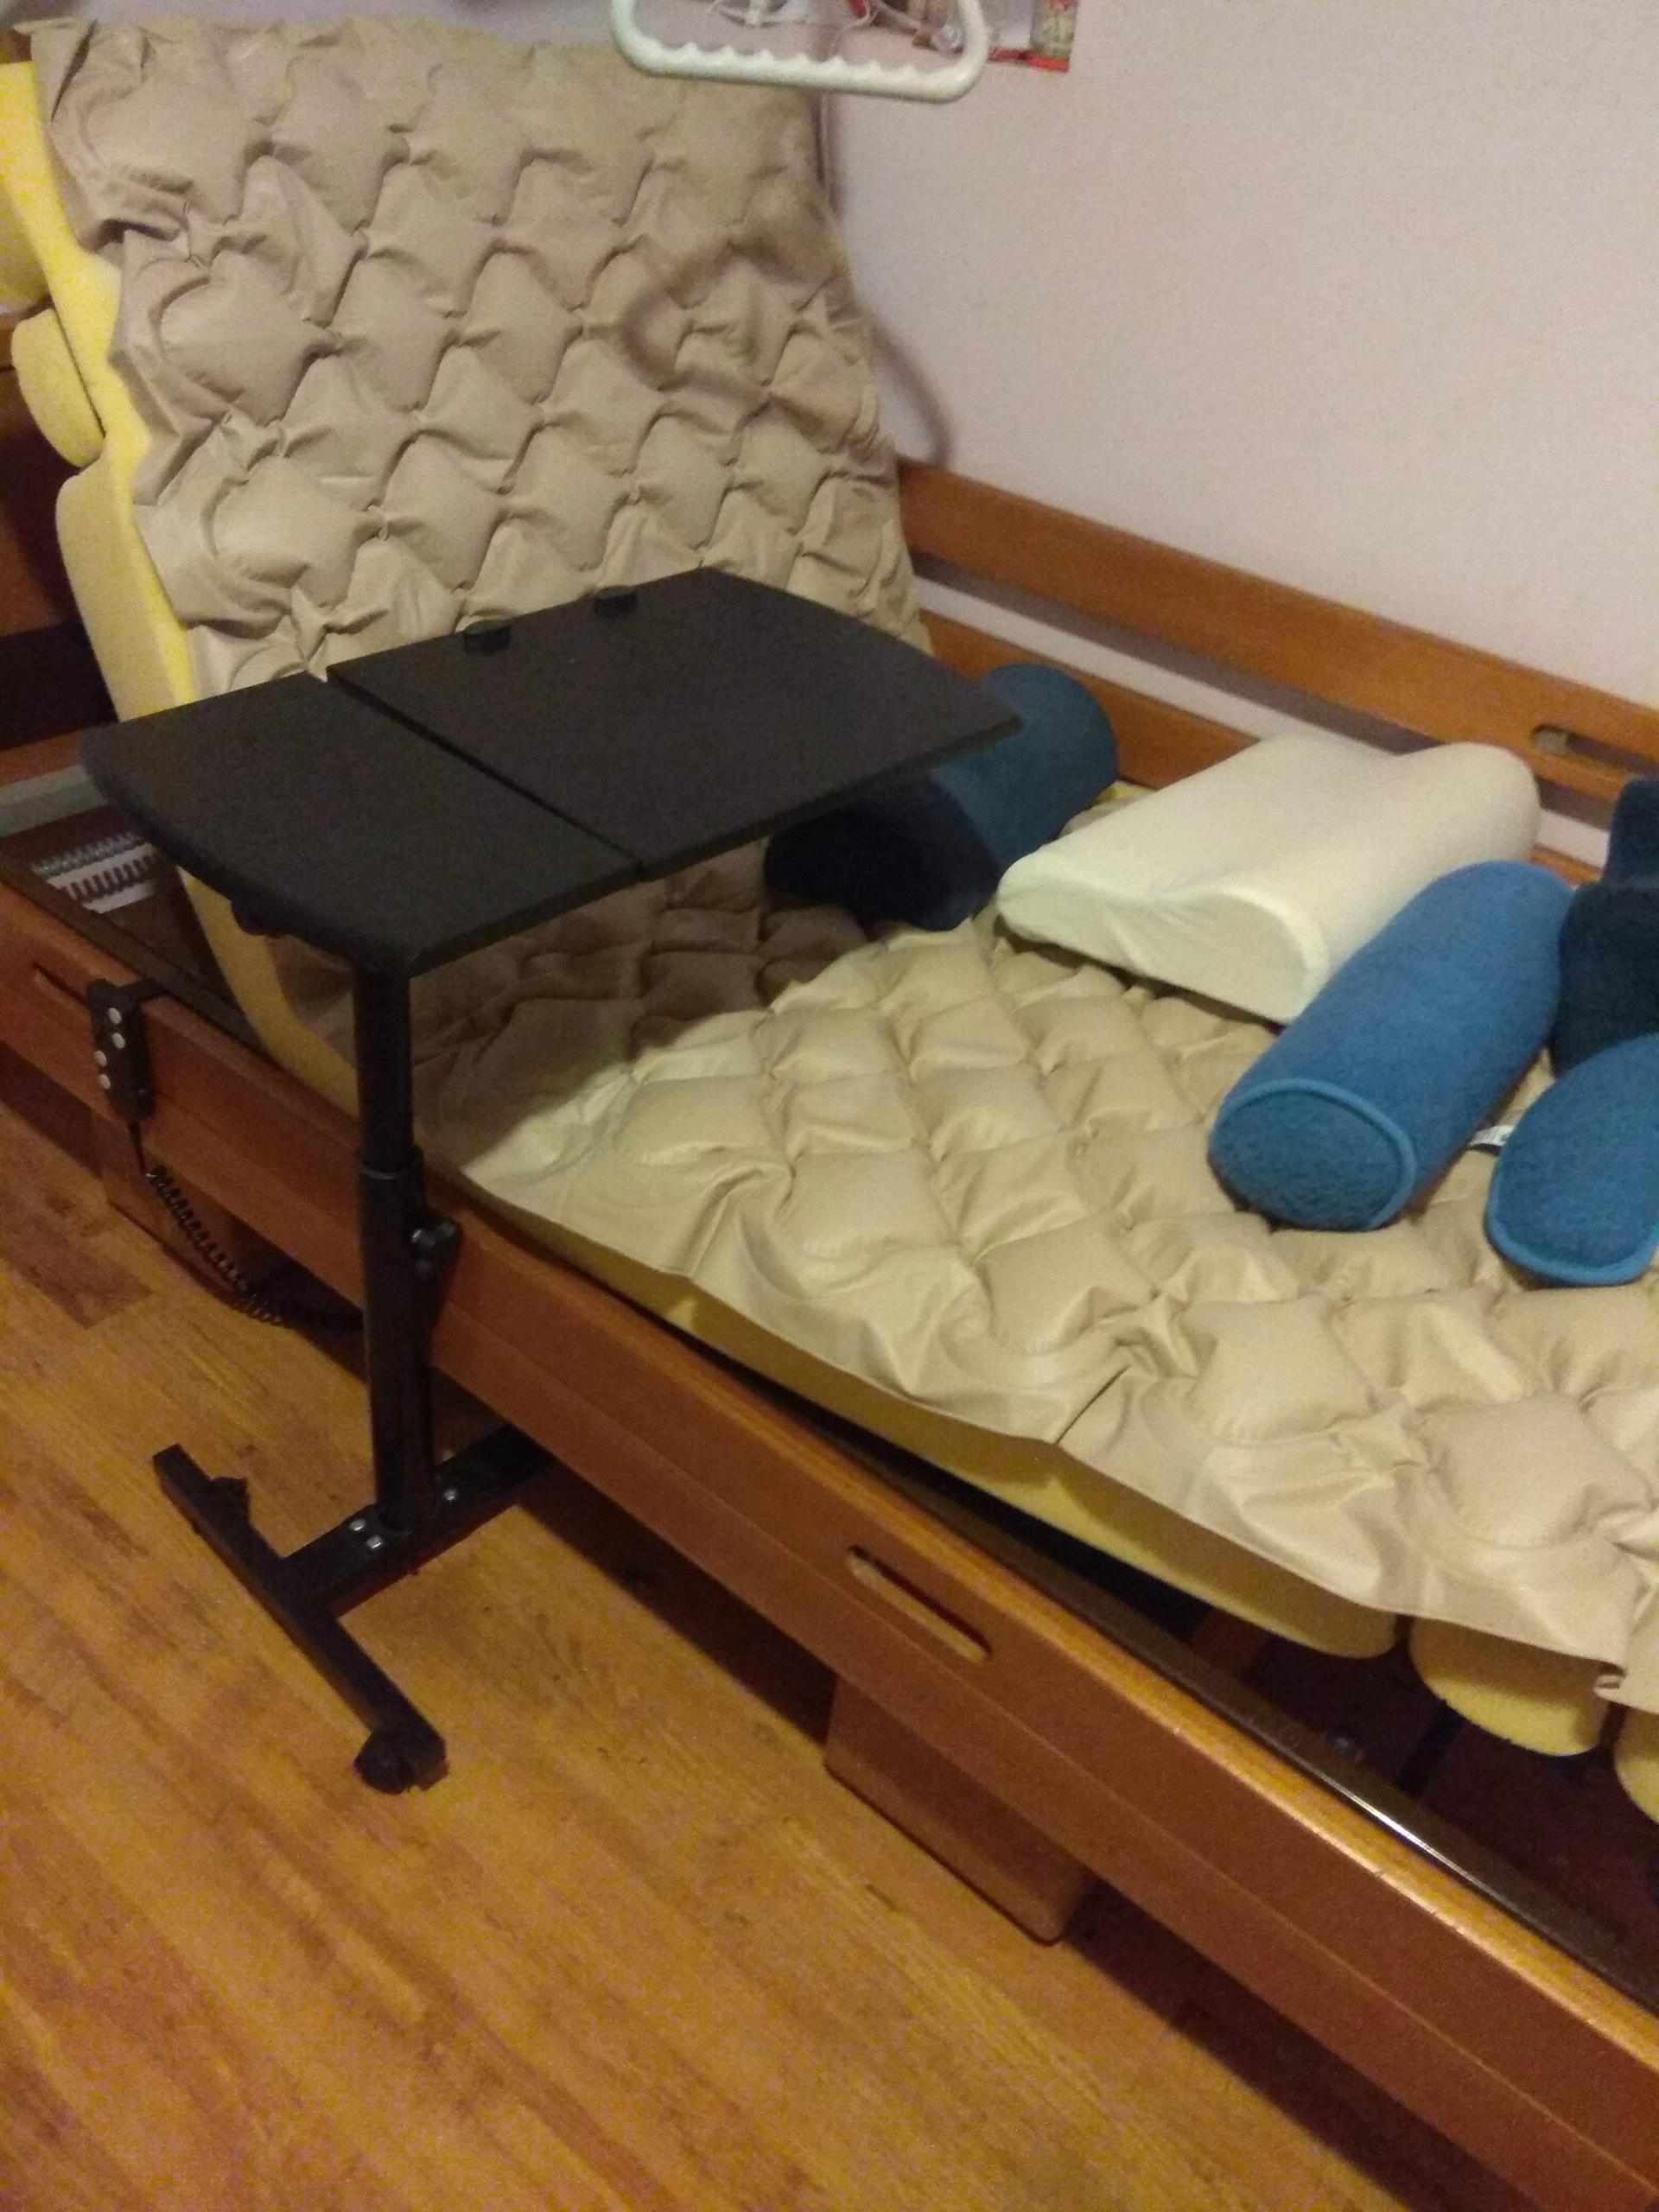 łóżko Rehabilitacyjne Sterowane Pilotem 7728184057